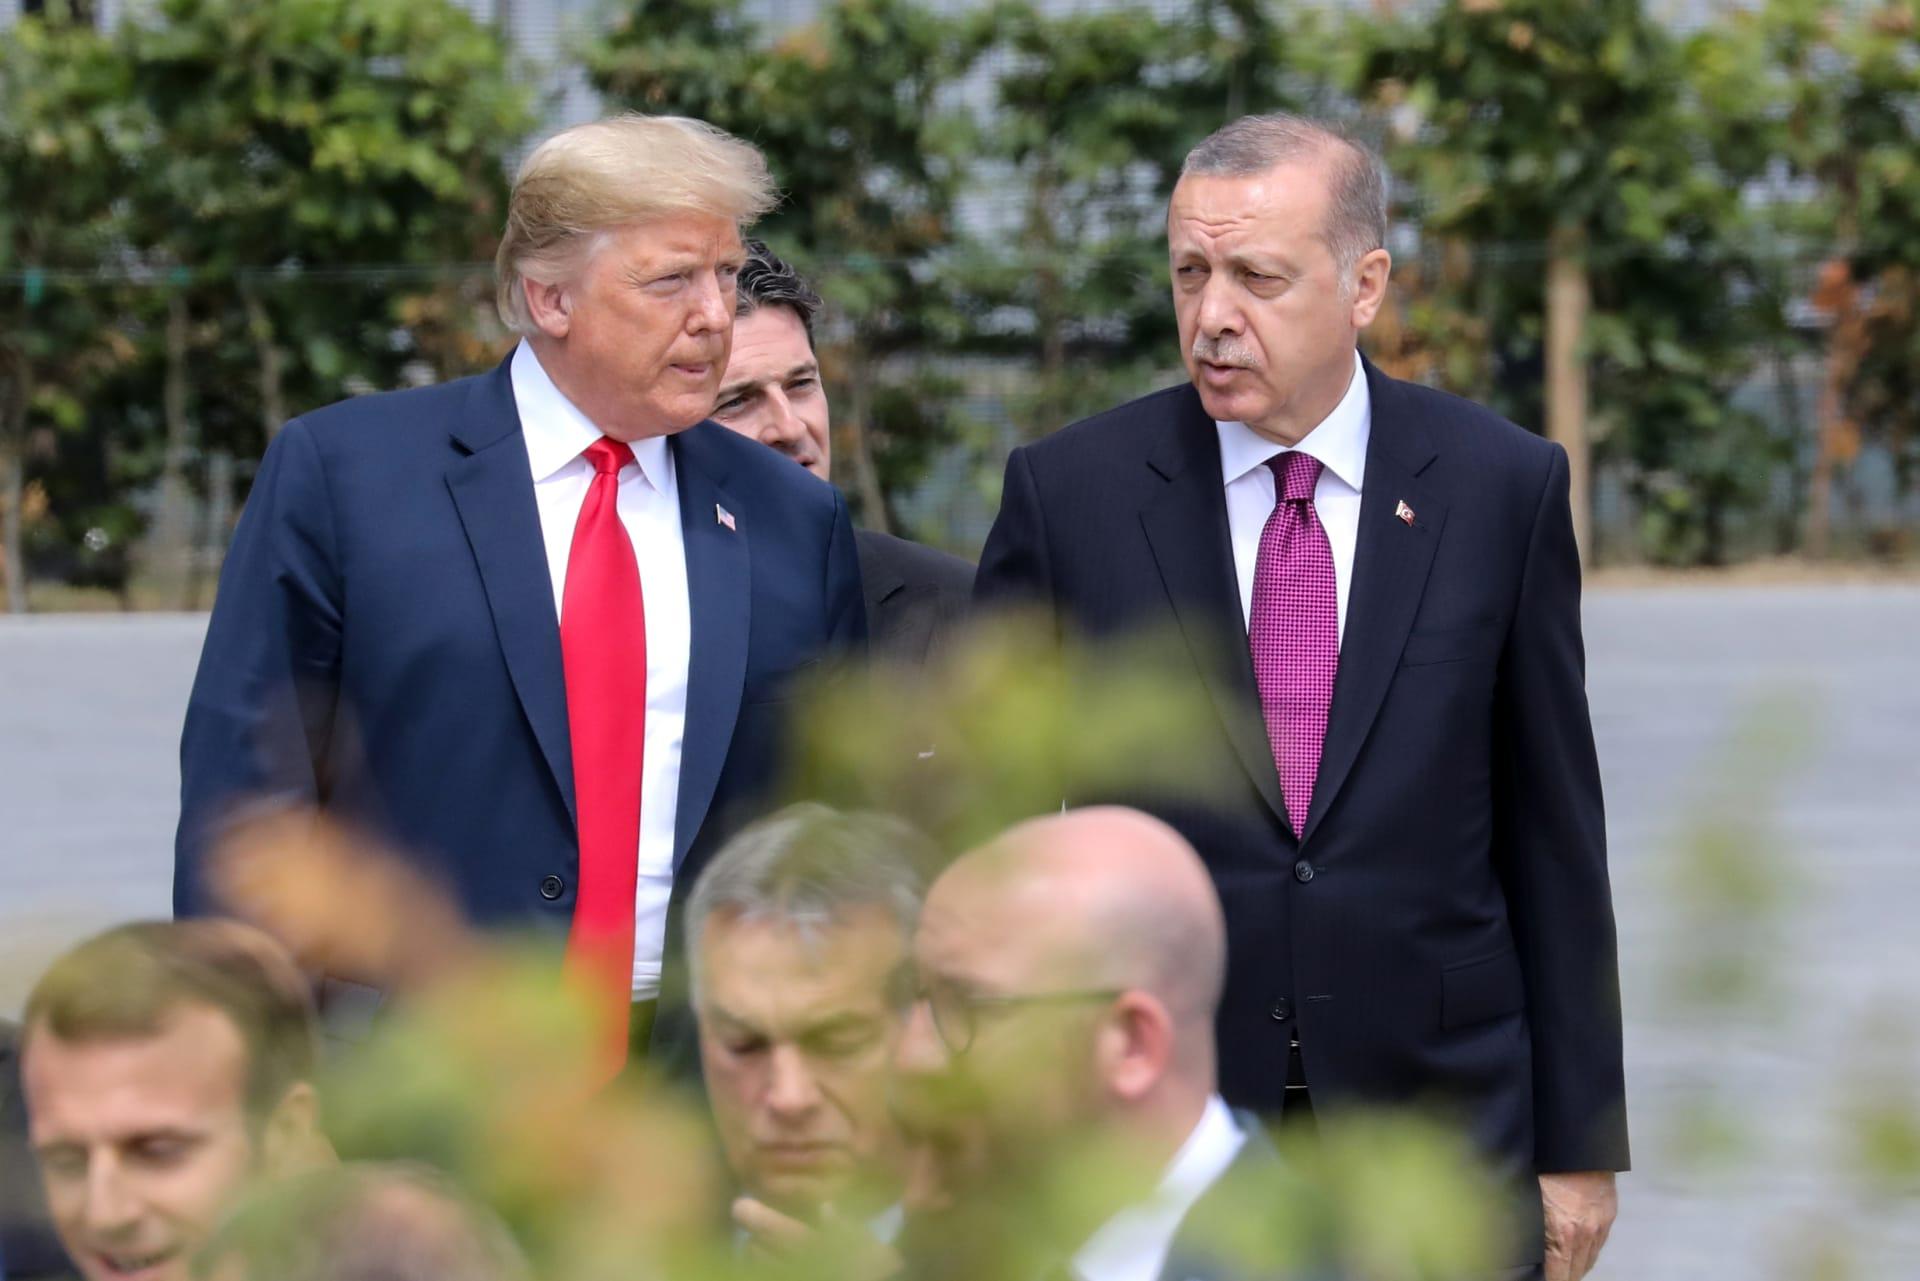 قبل أن تعلن تركيا التفاصيل.. أردوغان وترامب يناقشان قضية خاشقجي